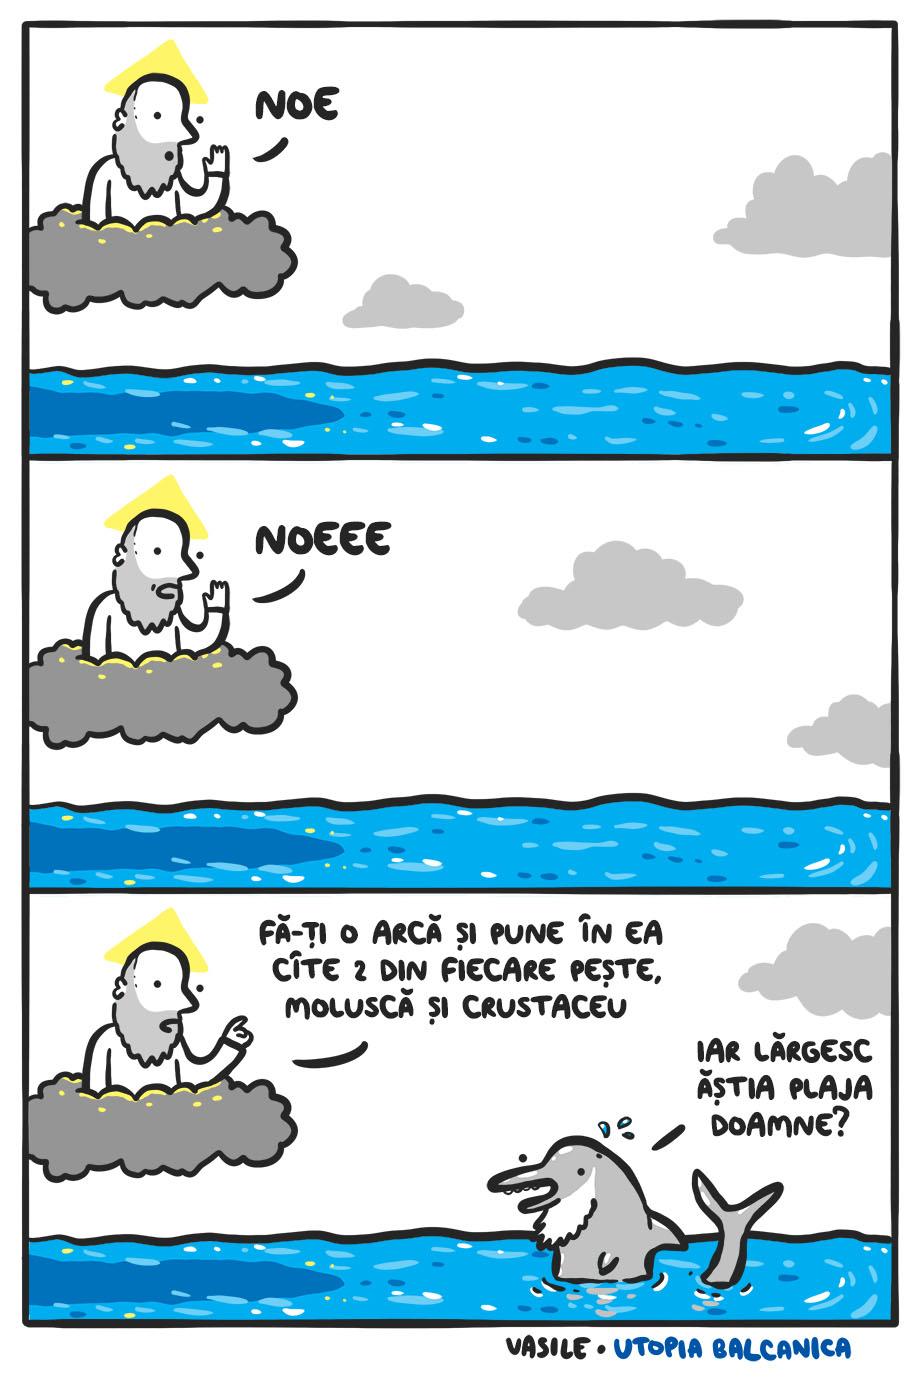 """1. Dumnezeu: """"Noe!"""" 2. Dumnezeu: """"Noeee!"""" 3. Dumnezeu: """"Fă-ţi o arcă şi pune în ea cîte 2 din fiecare peşte, moluscă şi crustaceu!"""" Delfinoe, ieşit din apă: """"Iar lărgesc ăştia plaja, doamne?"""""""